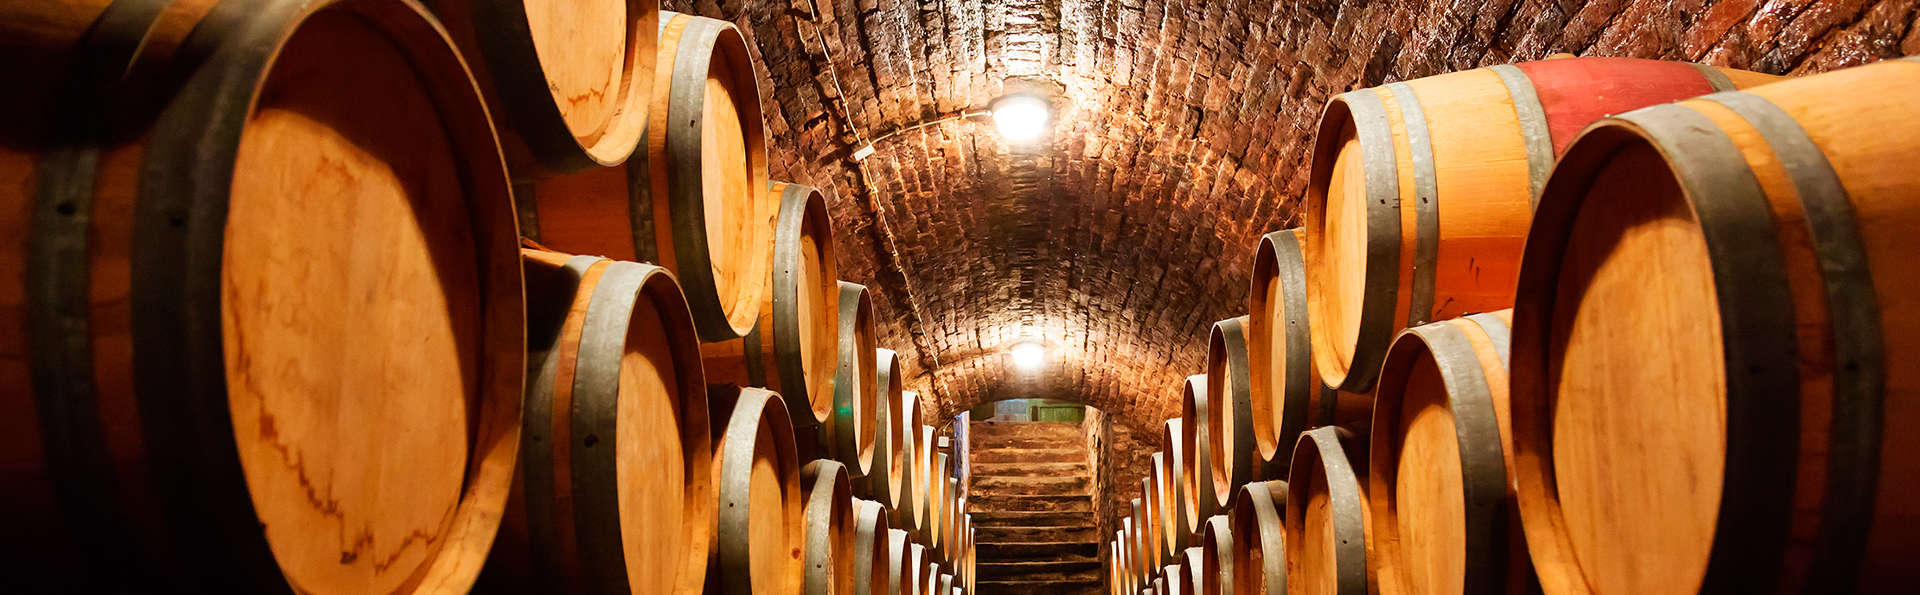 Gastronomía y vino: Escapada con cena, visita a bodega y cata de vinos en Zafra